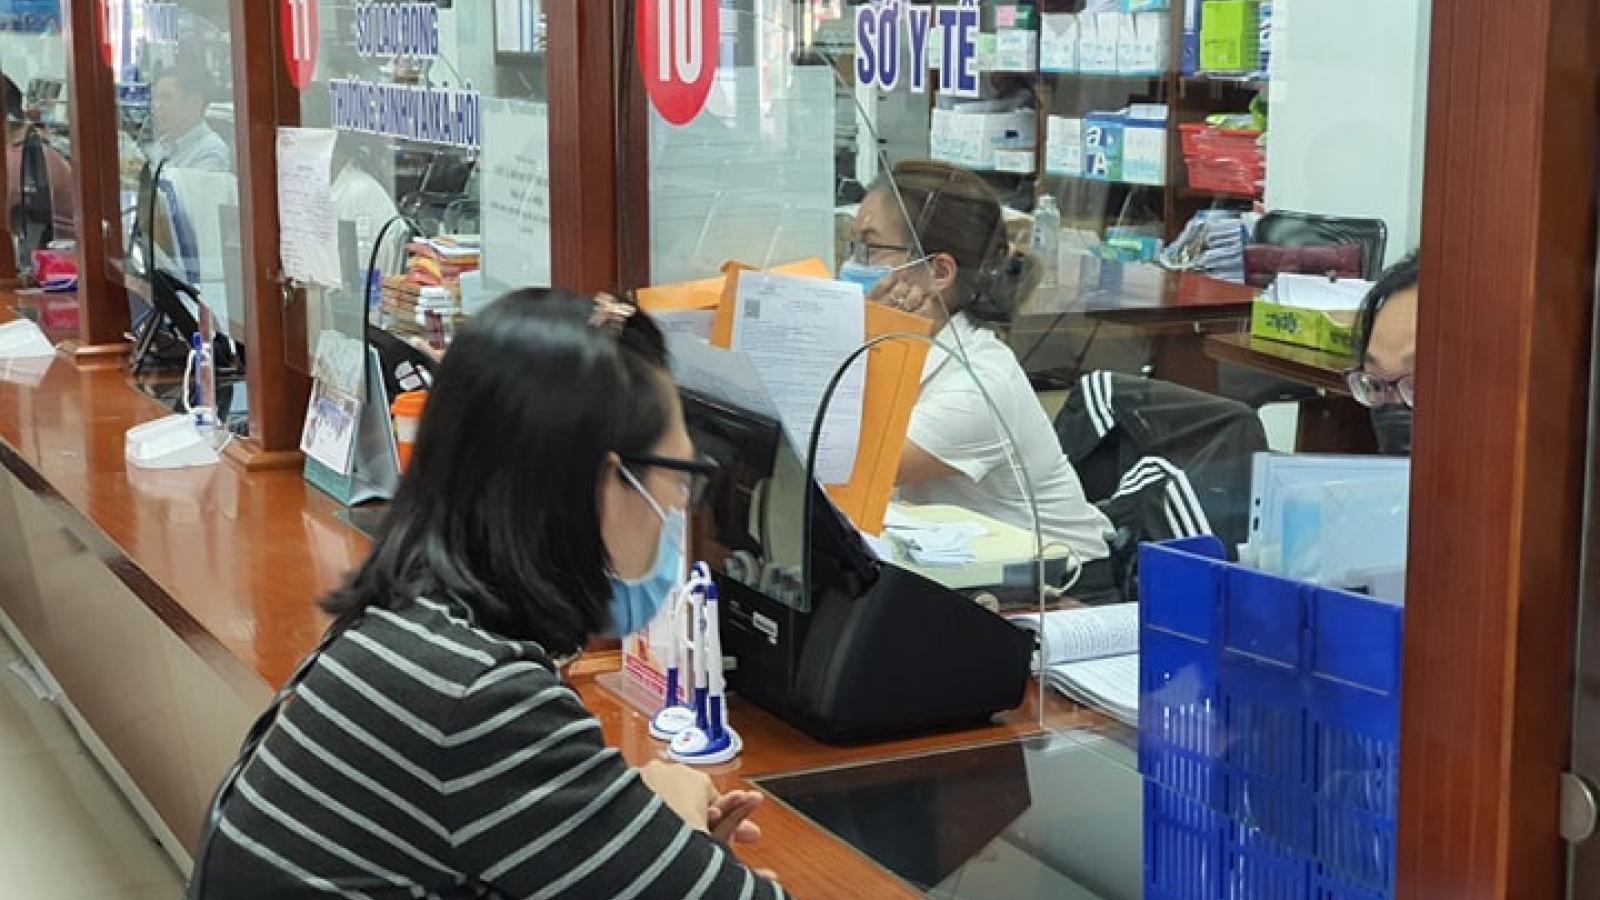 Đà Nẵng tạm dừng tiếp công dân và tiếp nhận đơn trực tiếp